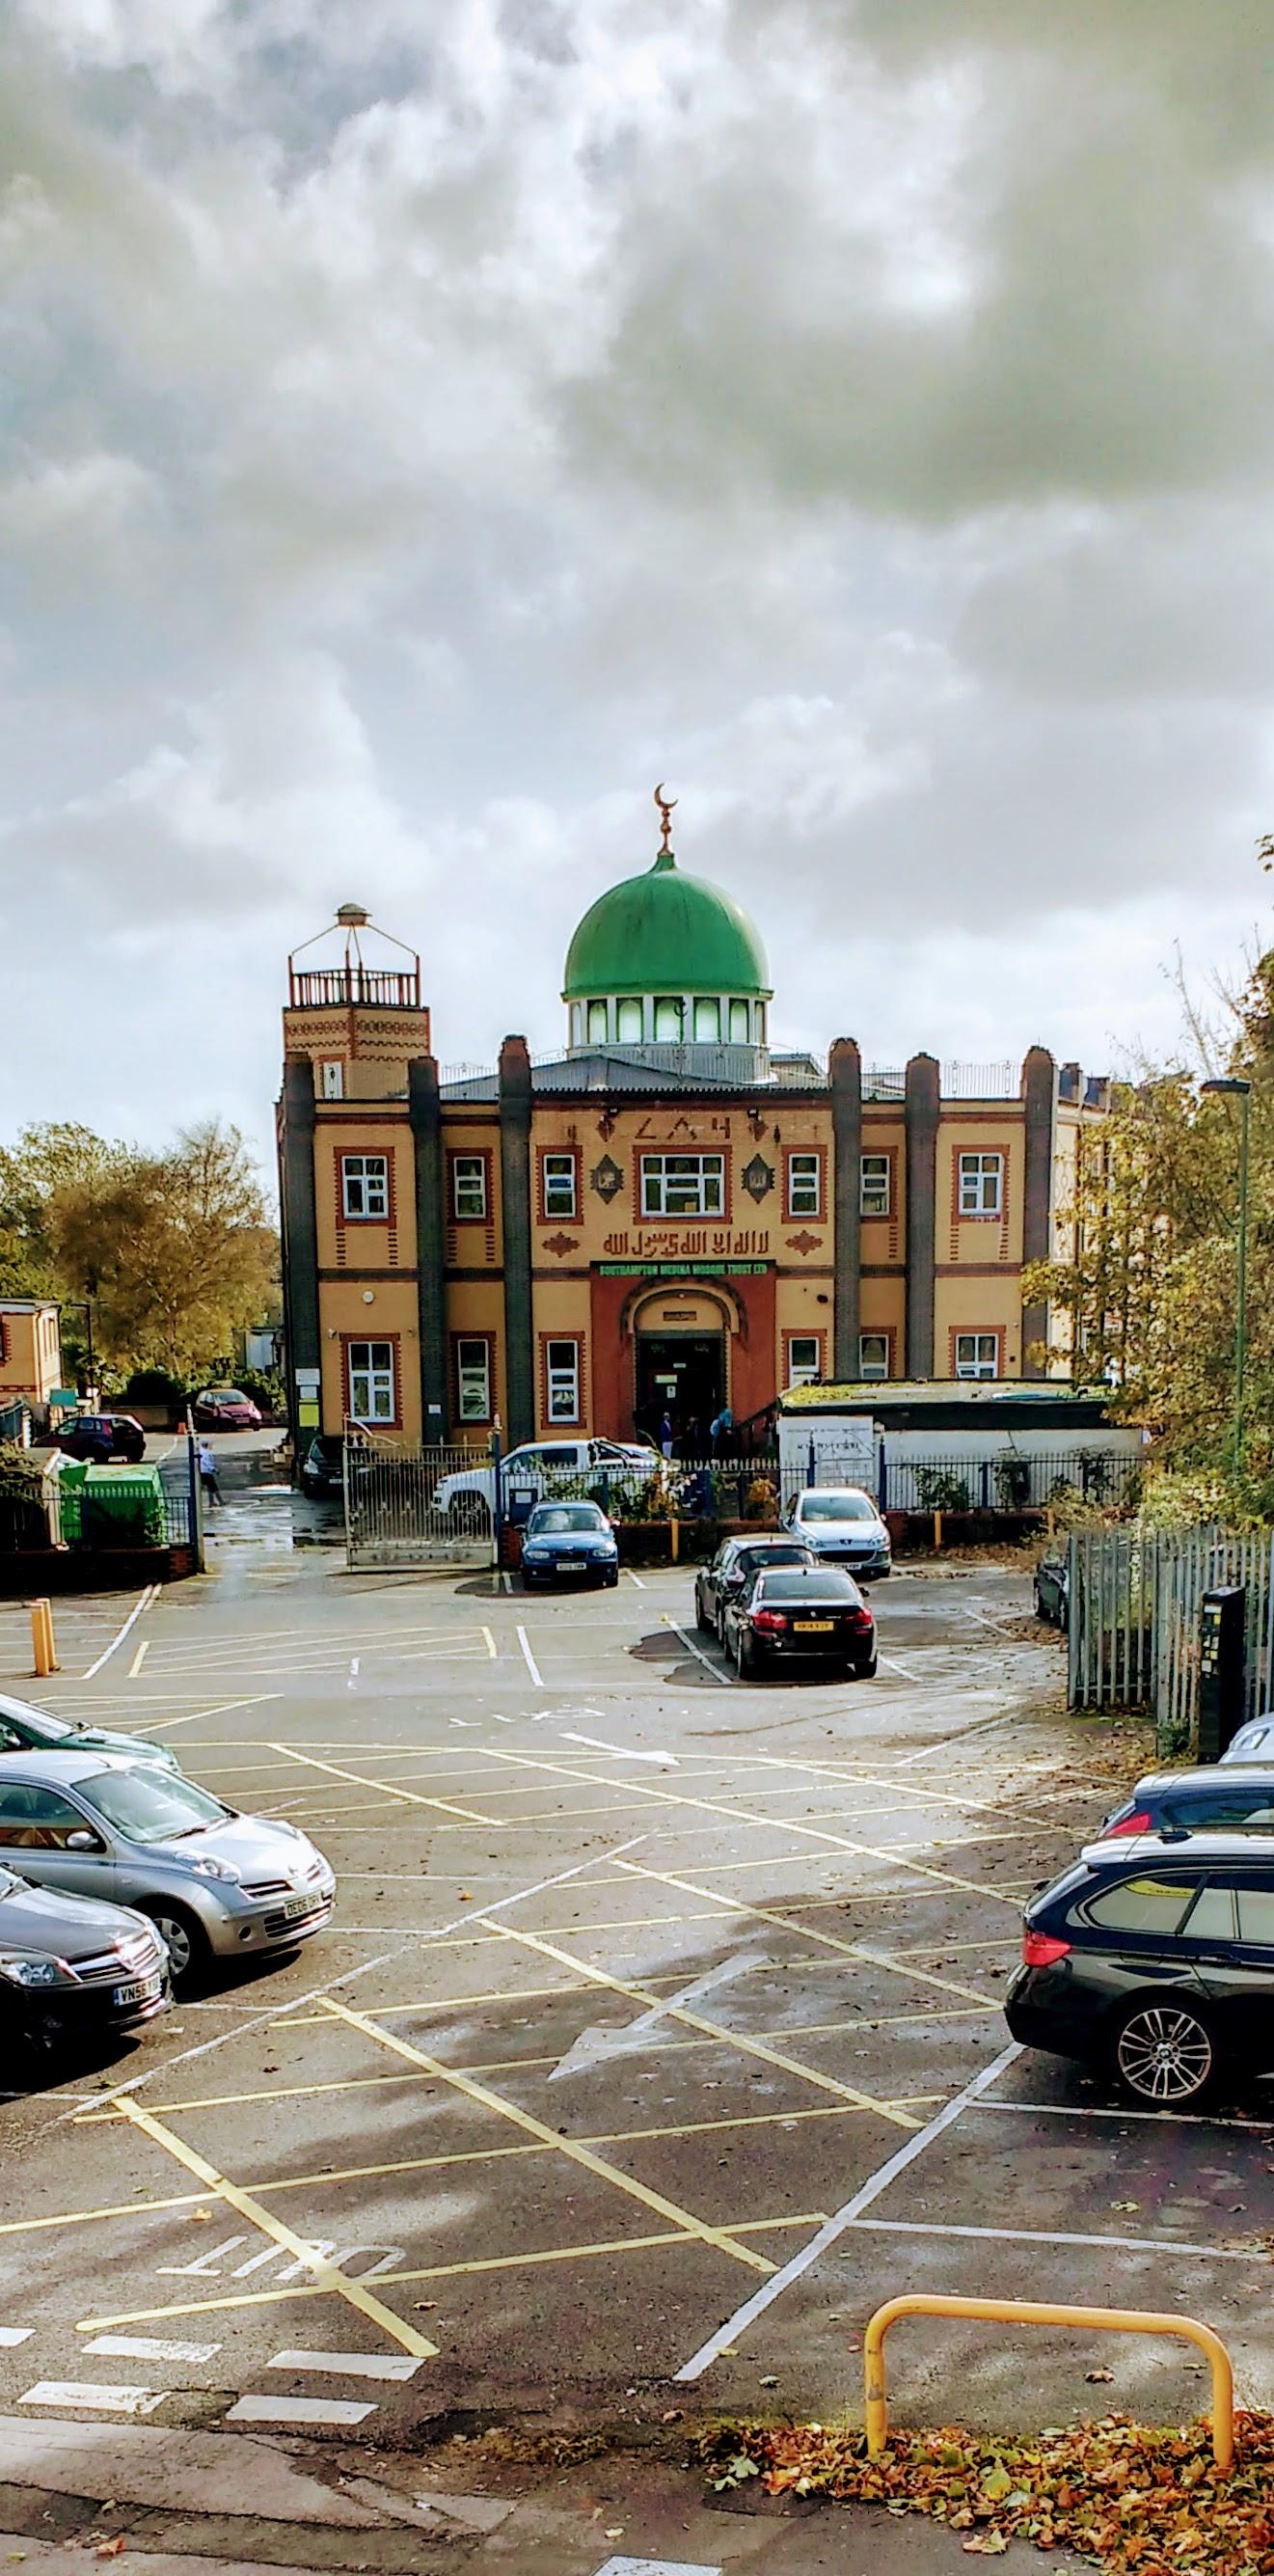 Southampton Central Mosque